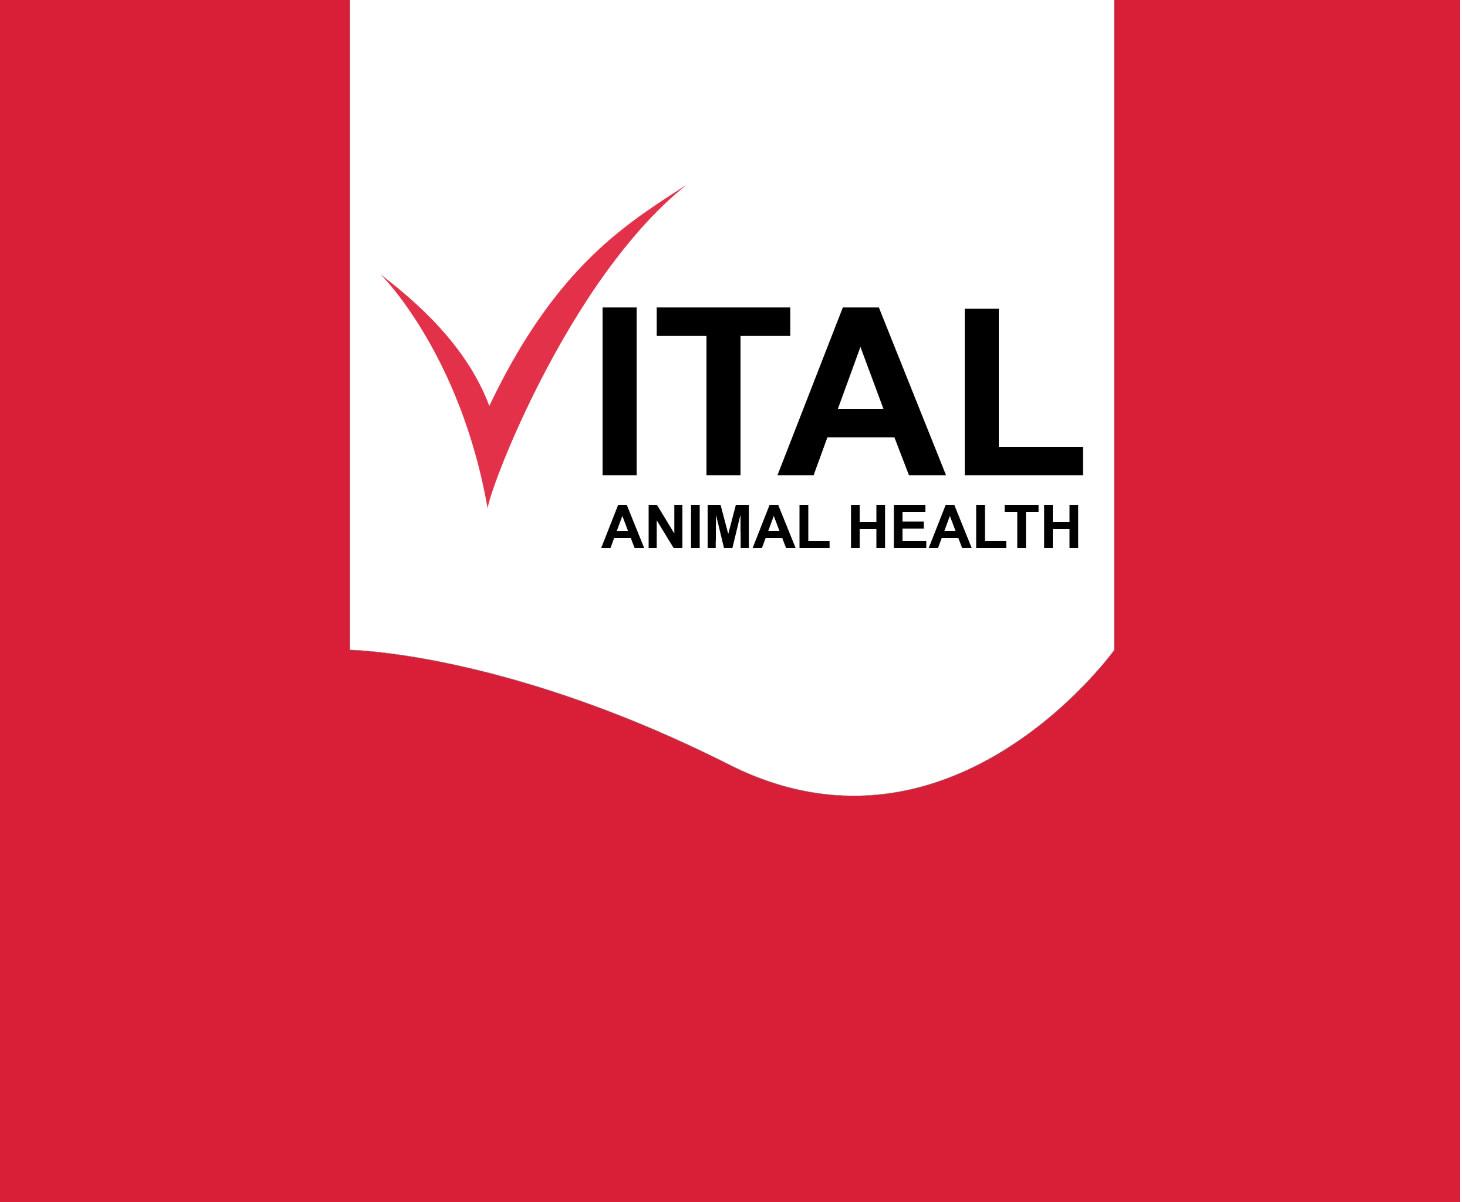 vital_animal_health_1